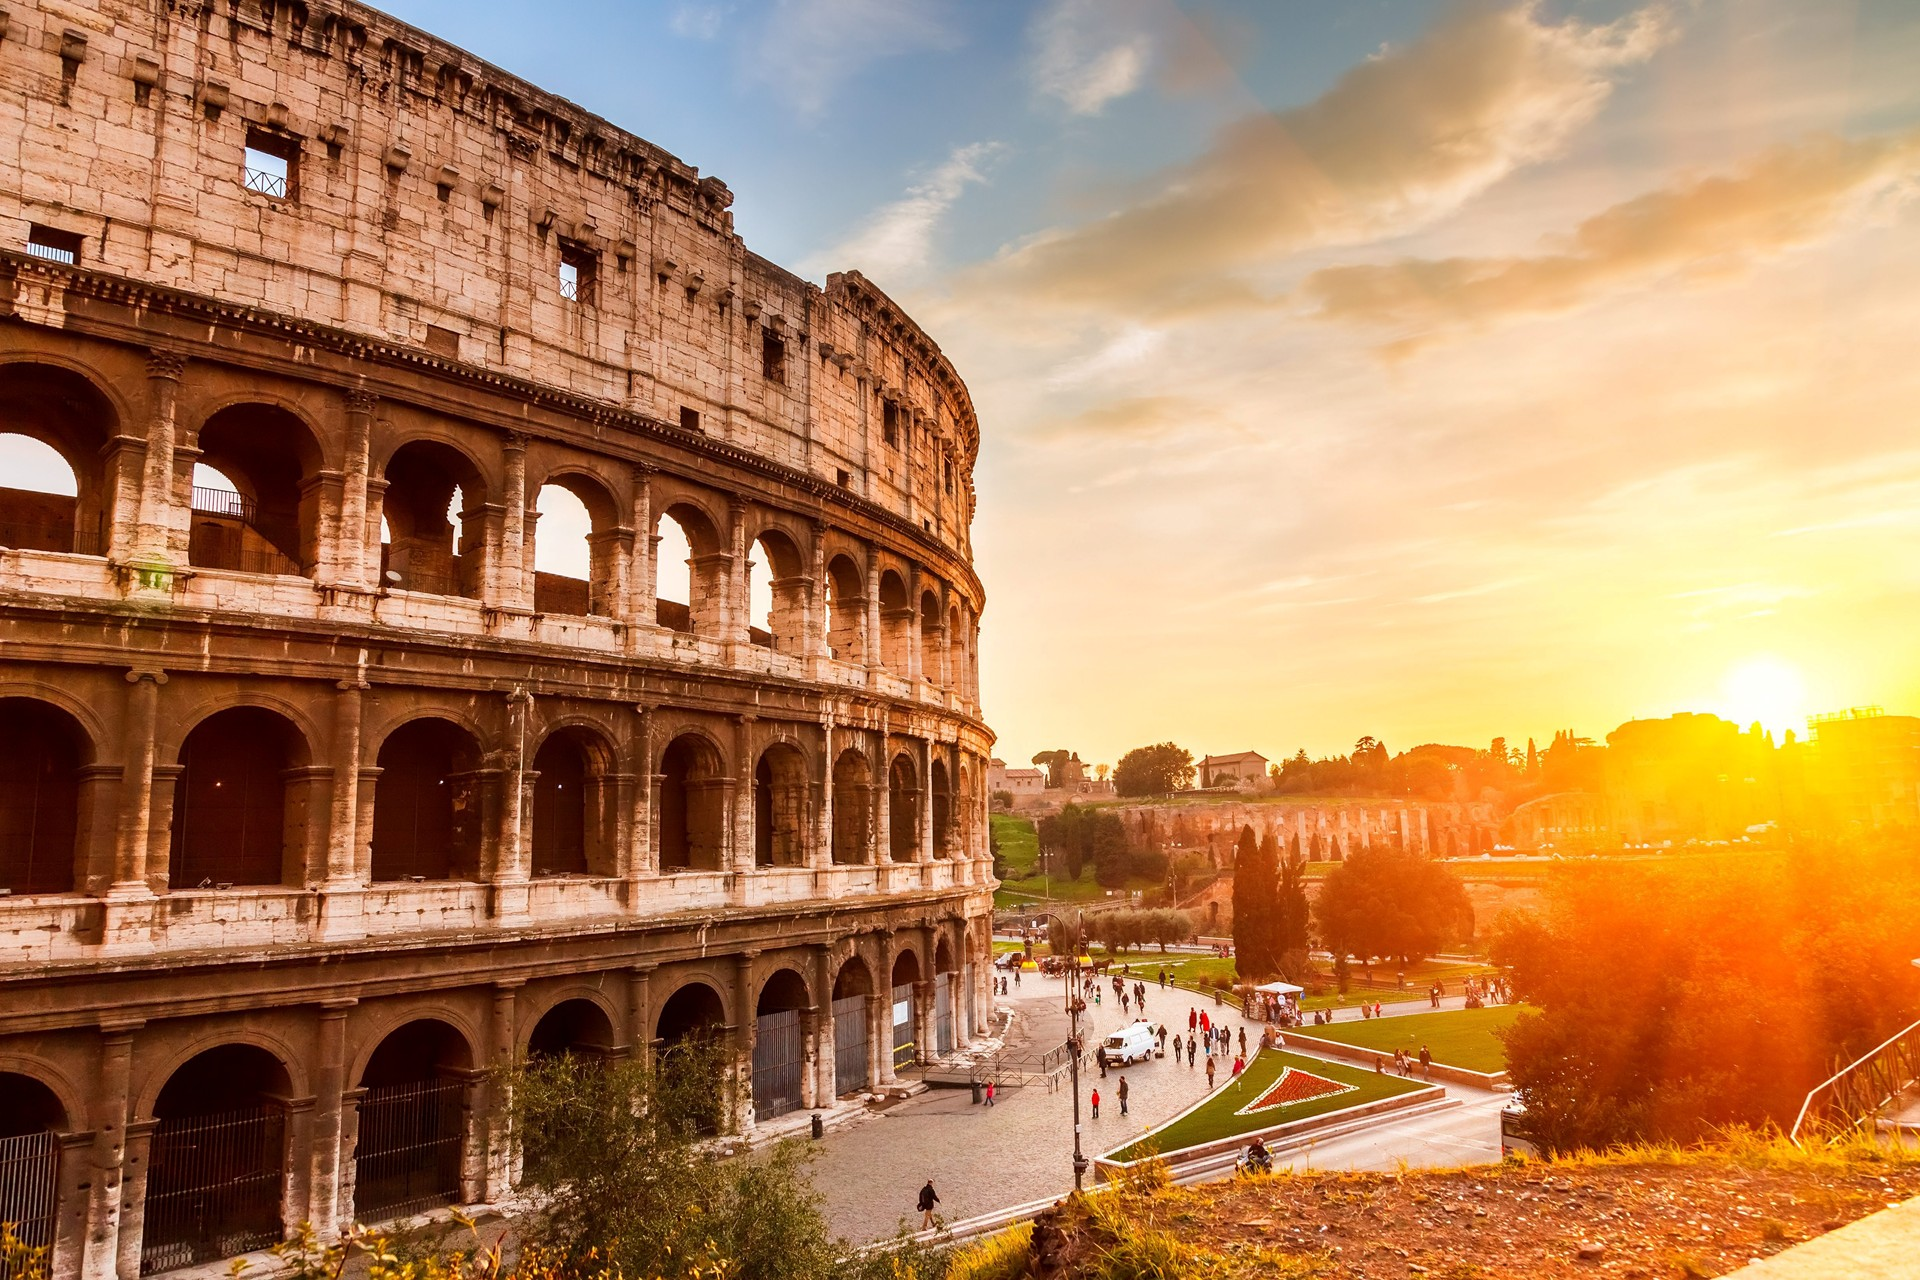 أجمل مدن العالم السياحية